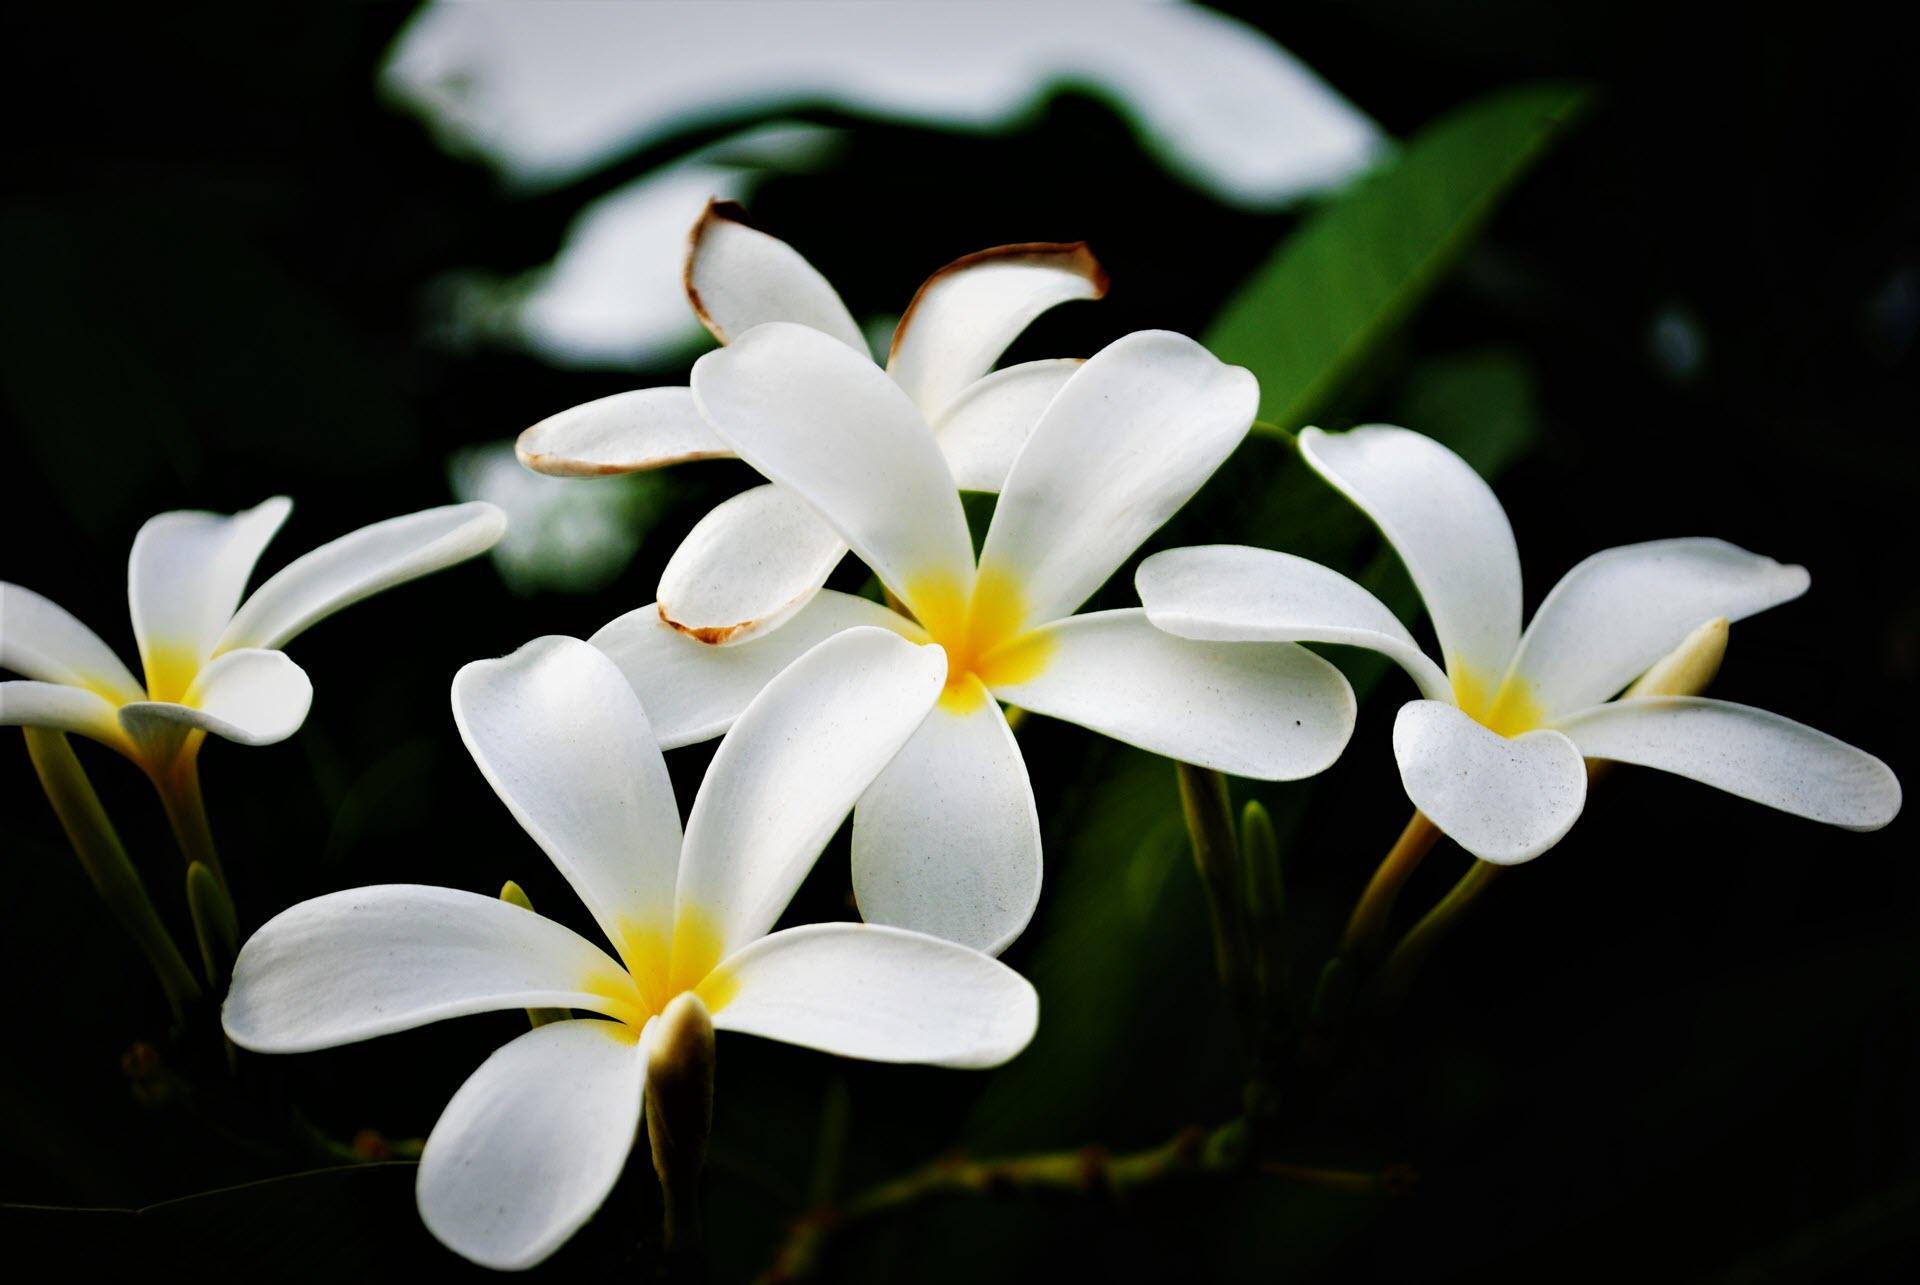 Ảnh hoa sứ đẹp